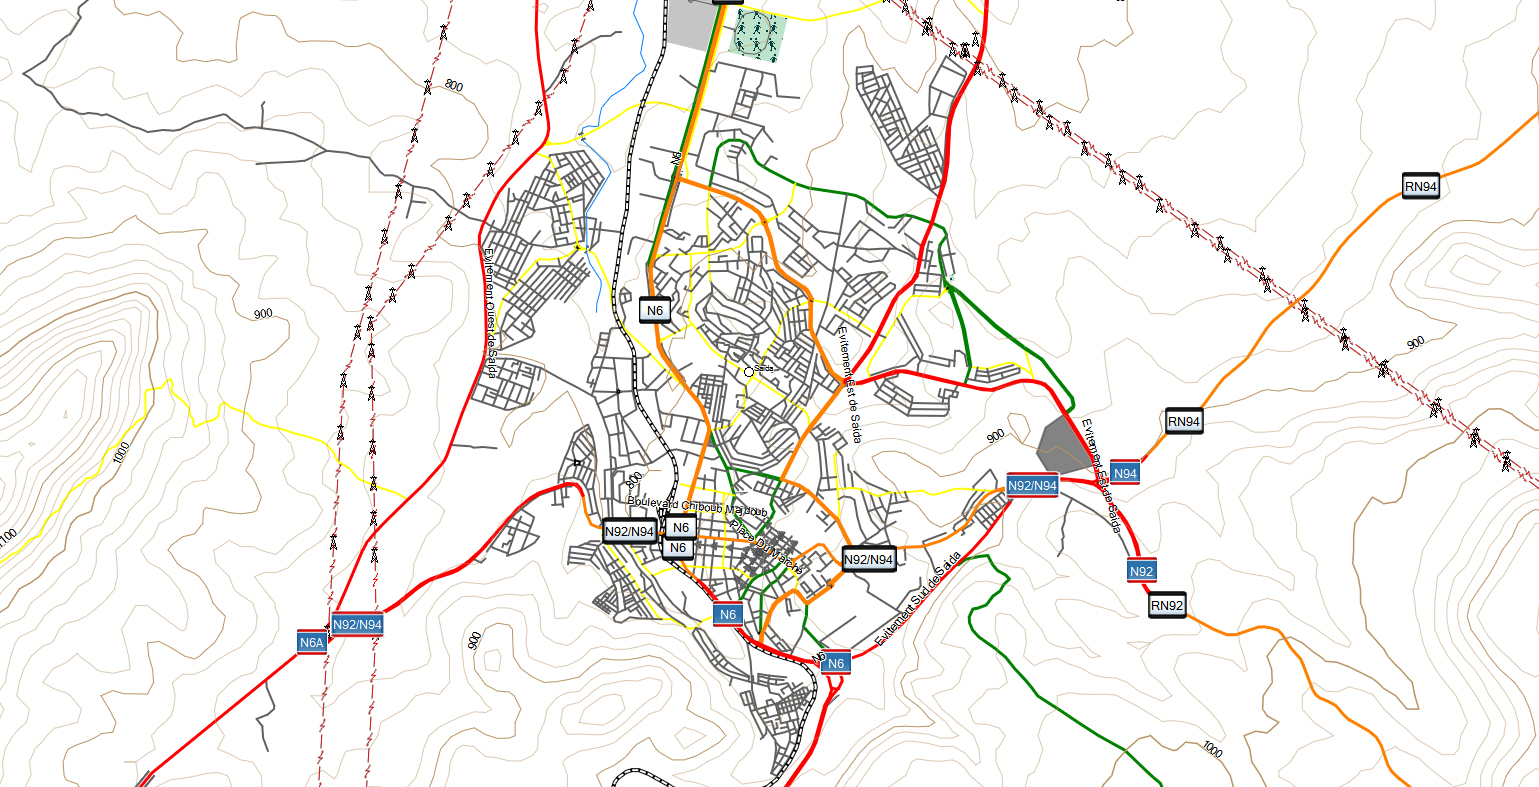 CARTE TOPO MAP GARMIN ALGERIE